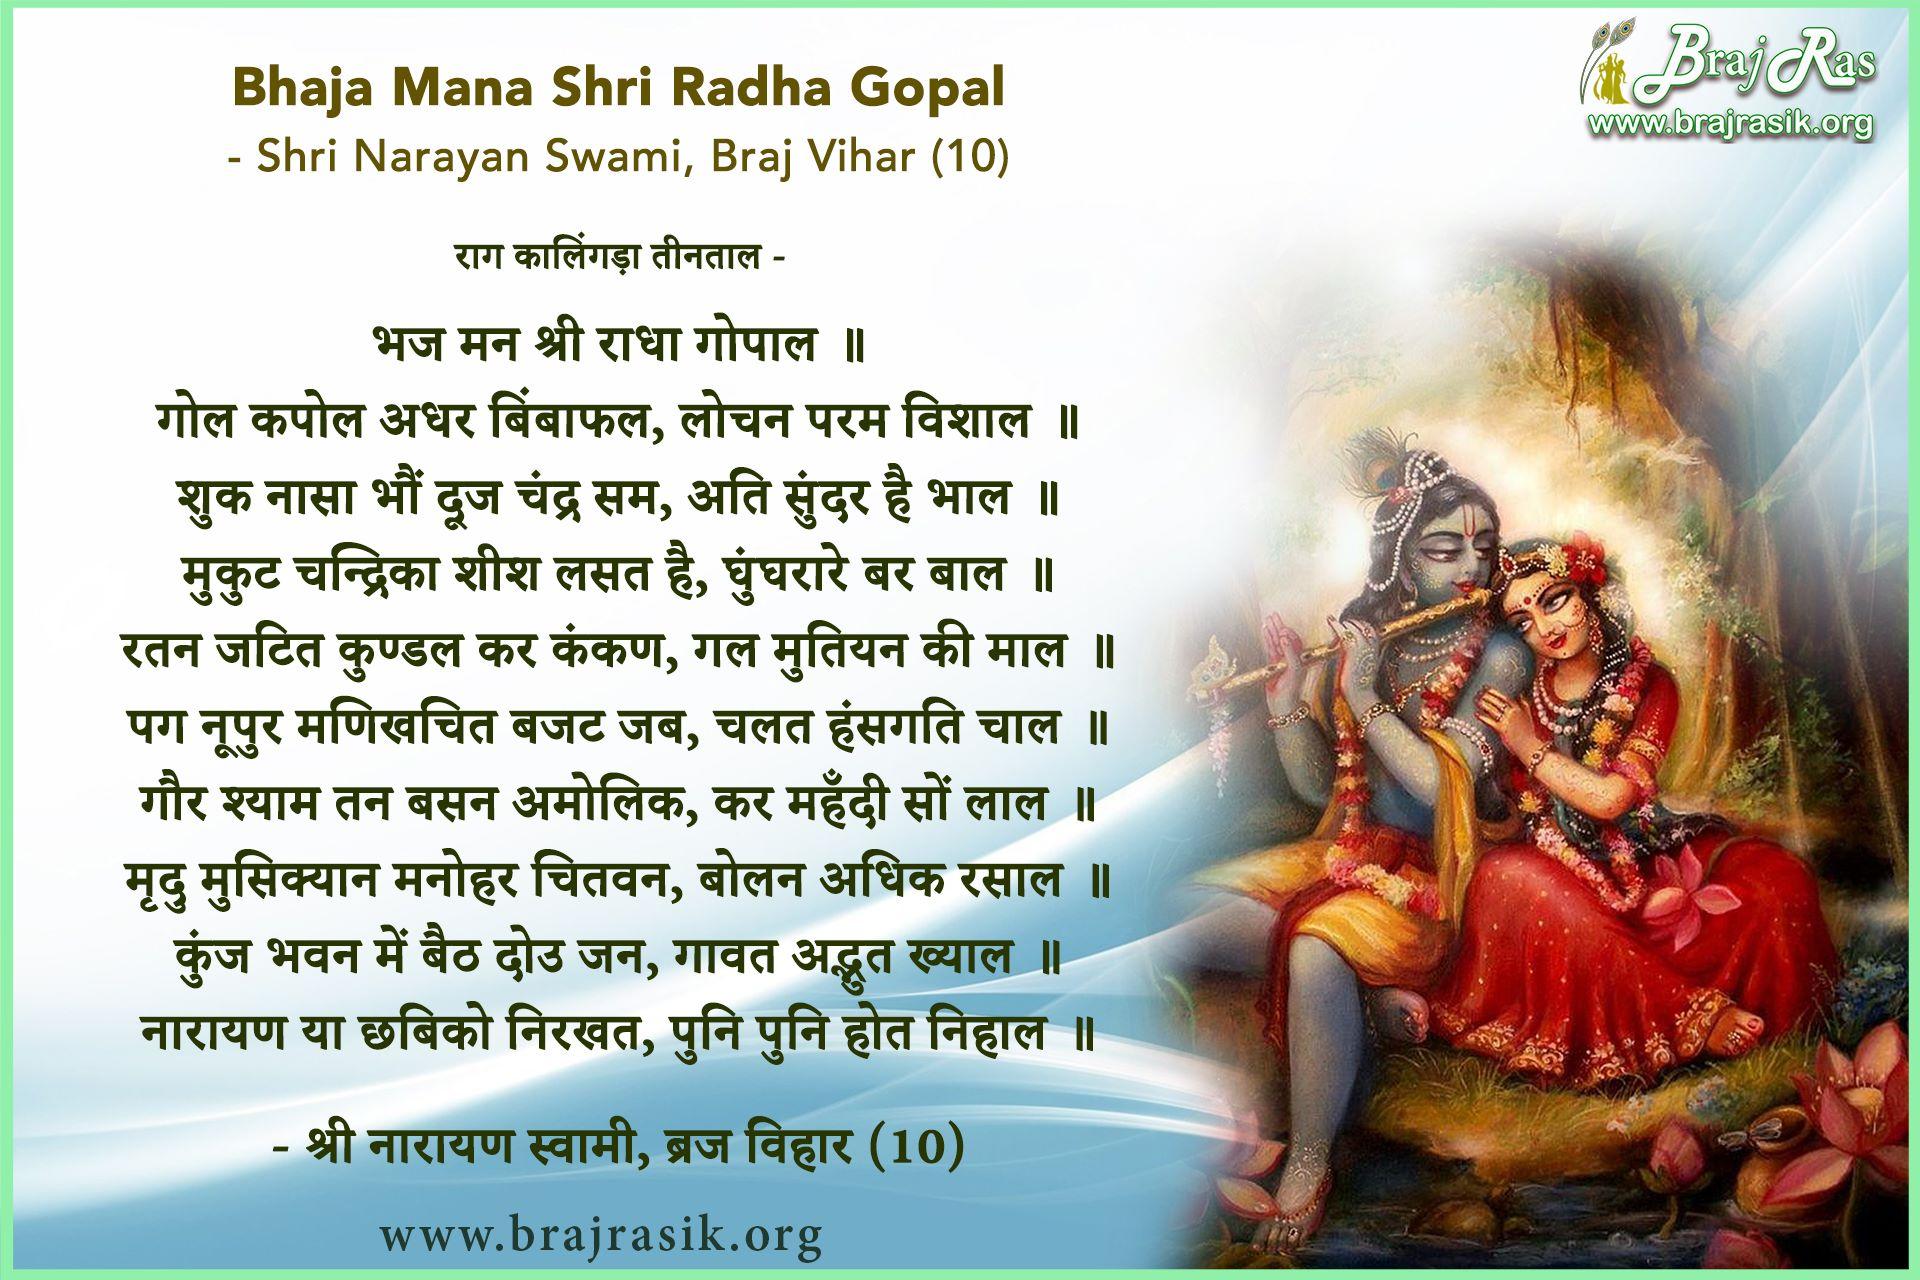 Bhaja Mana Shri Radha Gopal - Shri Narayan Swami, Braj Vihar (10)